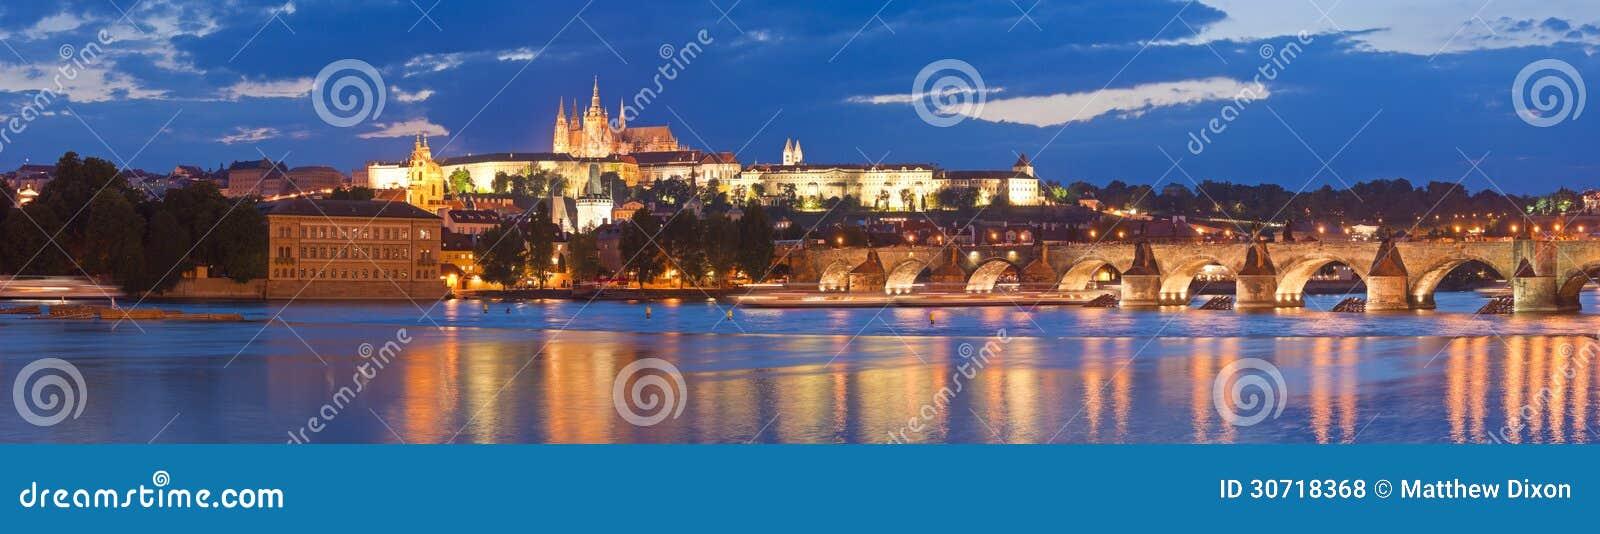 St Vitus Cathedral, het Kasteel van Praag en Charles Bridge